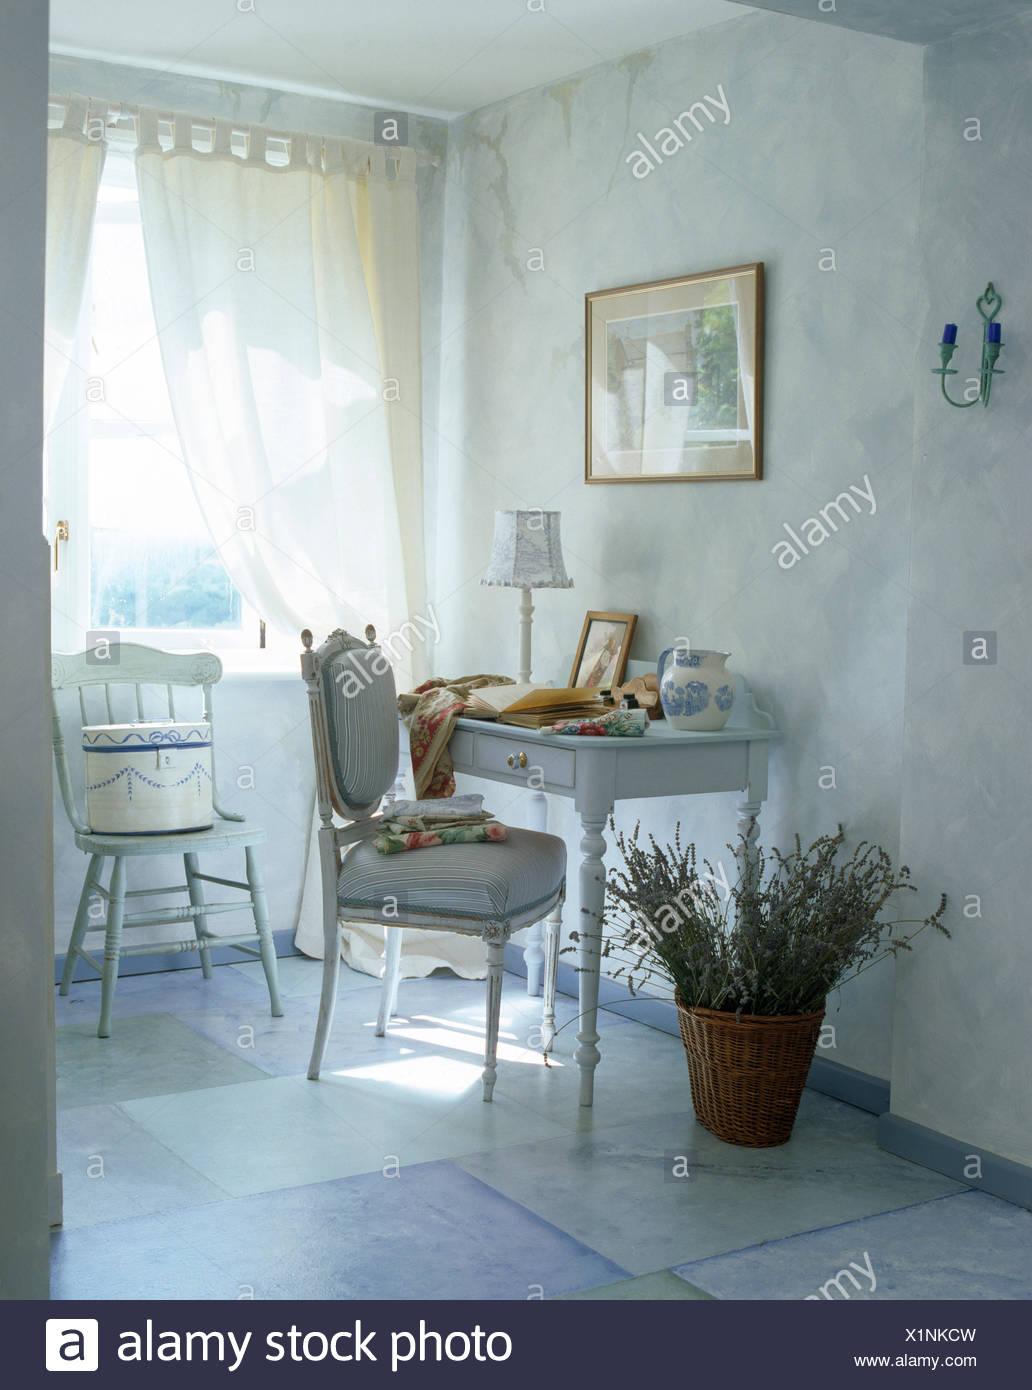 Korb mit getrocknetem Lavendel neben kleinen gemalten Tisch ...